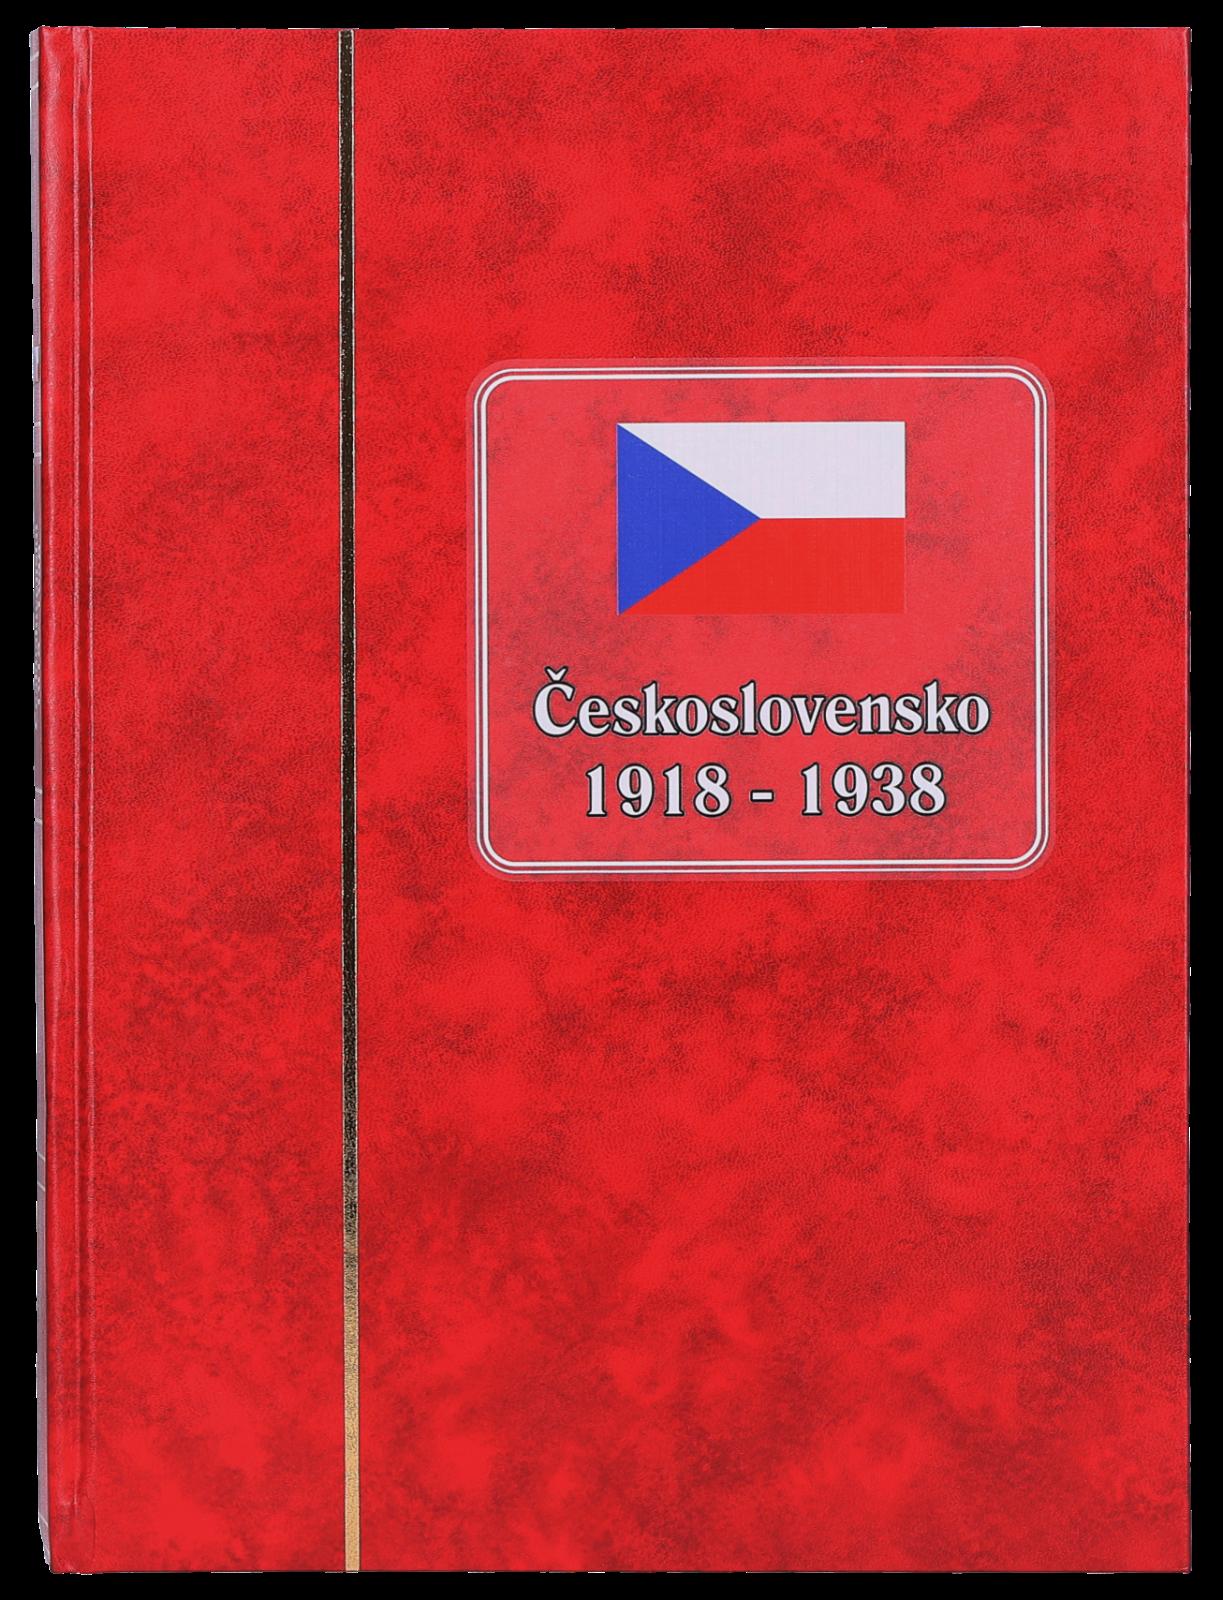 Zásobník - Československo 1918 - 1938 - A4